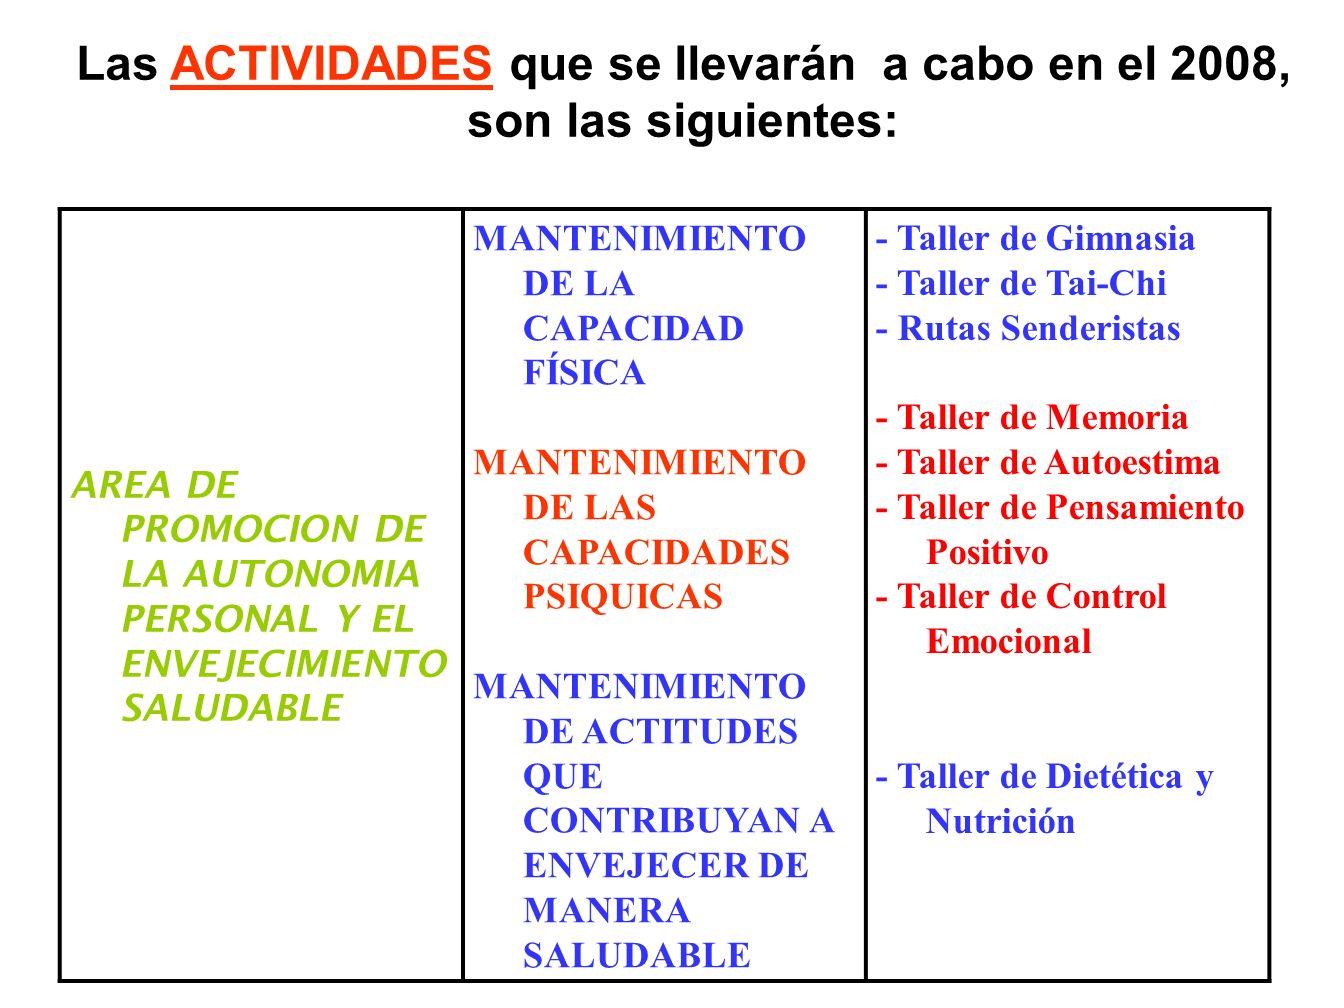 Las ACTIVIDADES que se llevarán a cabo en el 2008, son las siguientes: